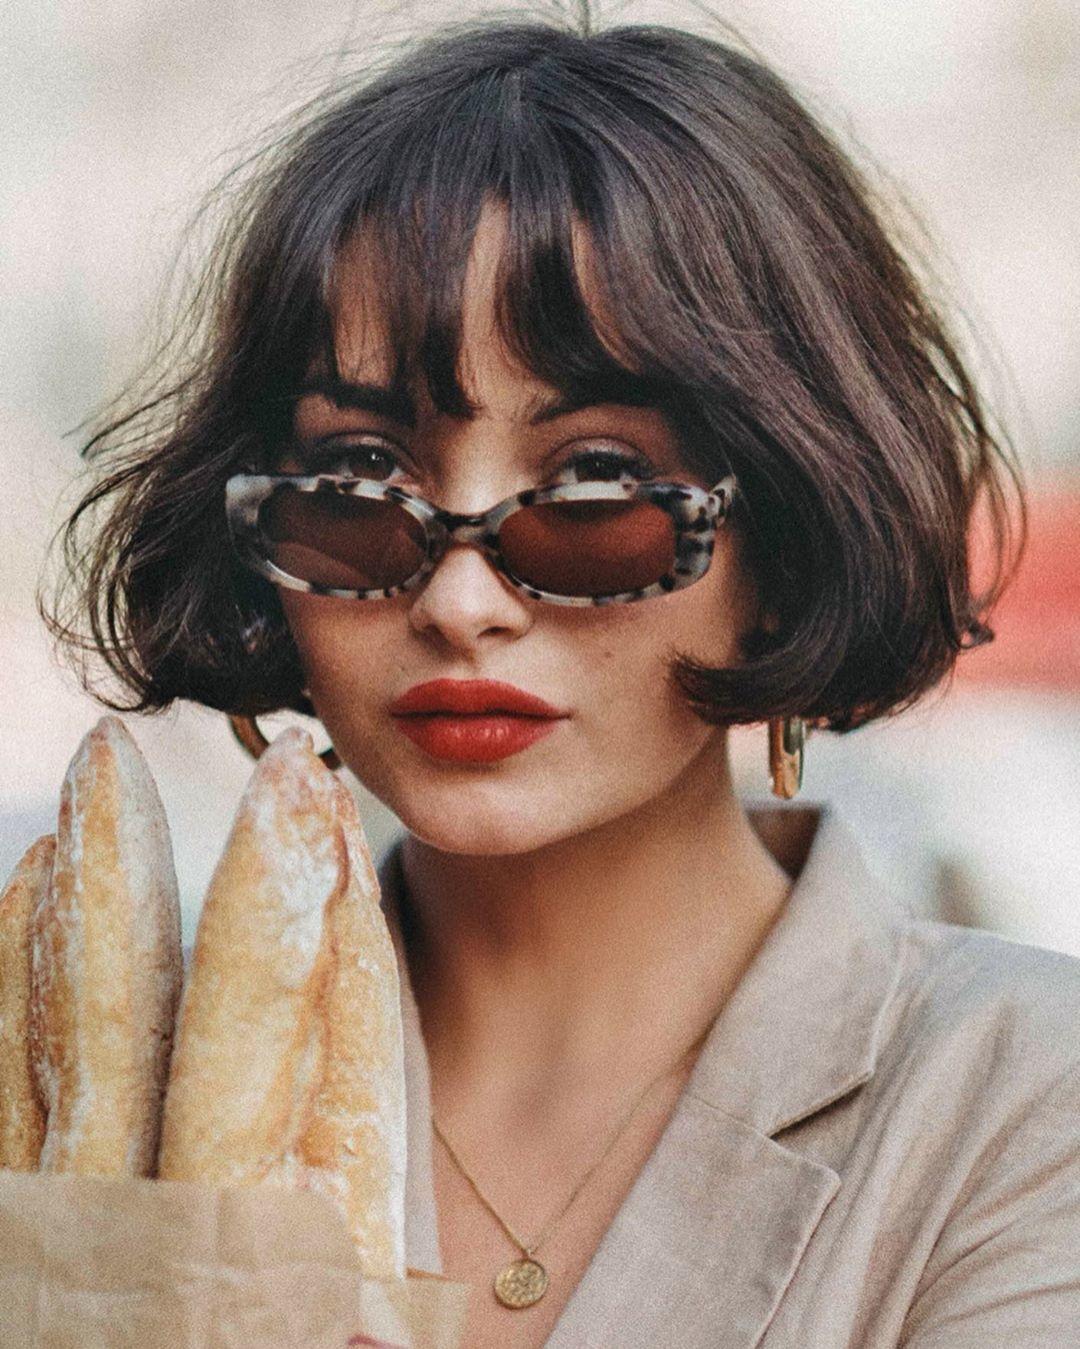 Femme avec une frange ondulée et une coupe de cheveux à la française.